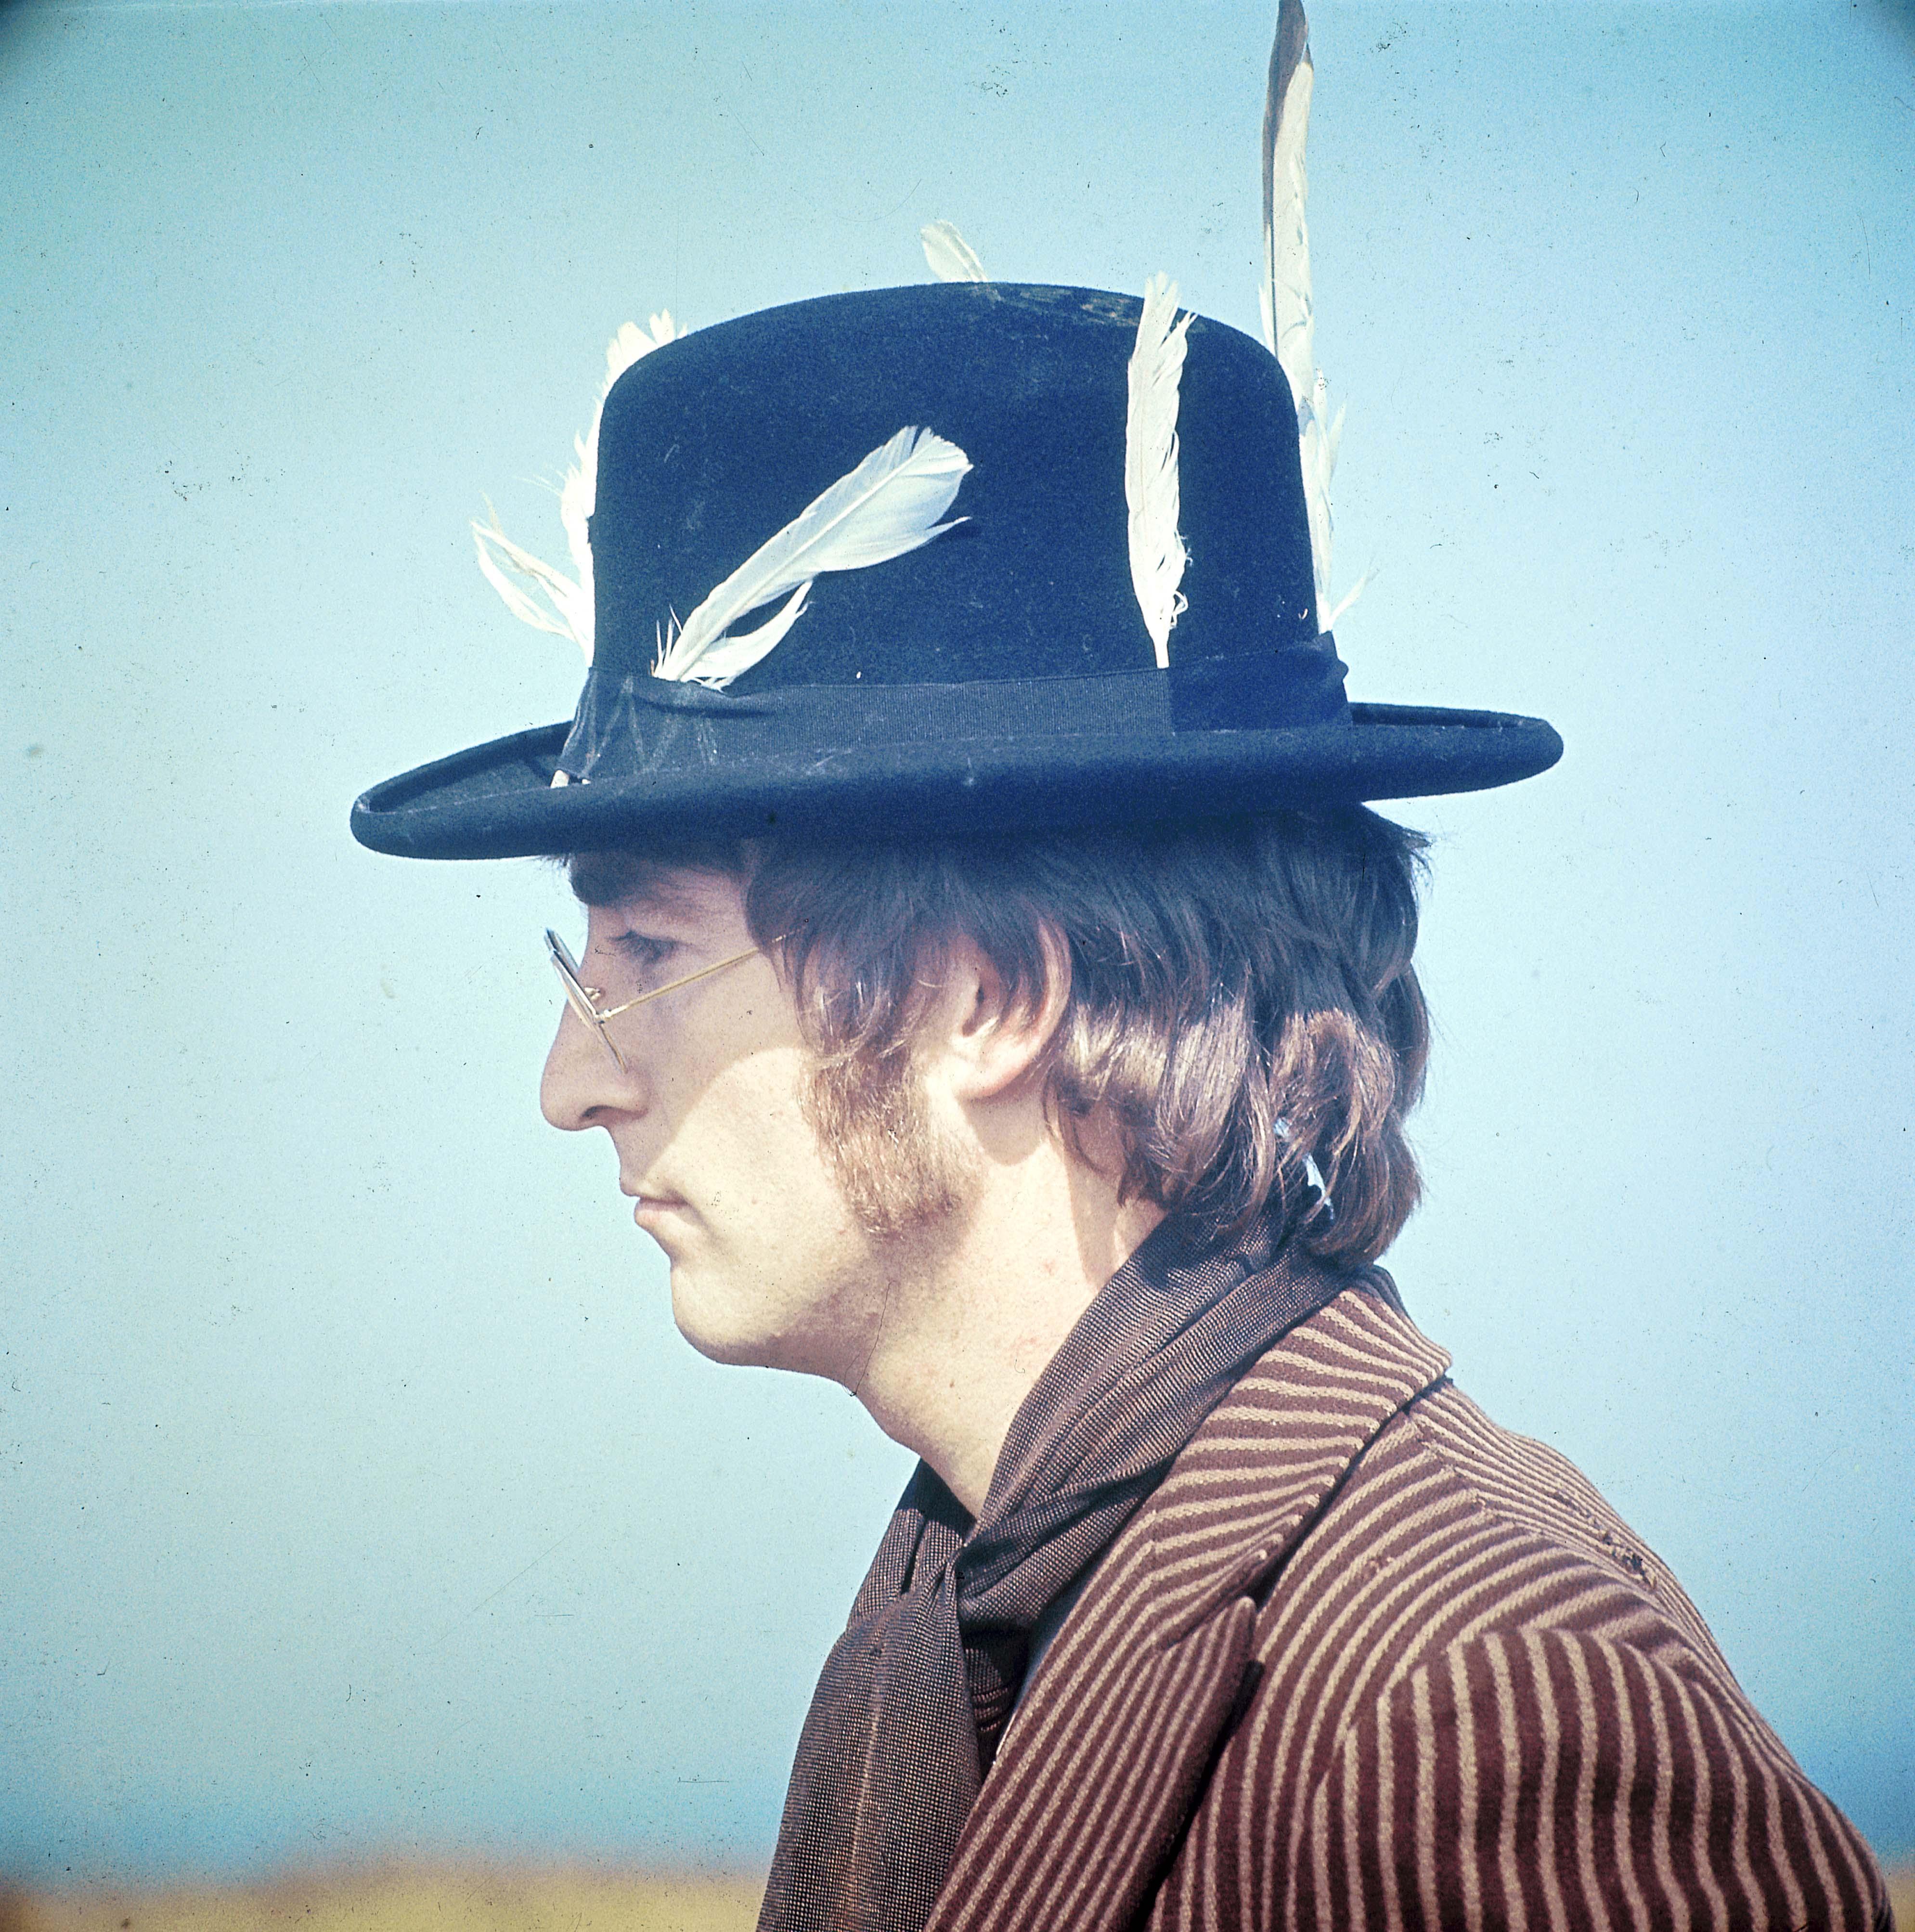 John Lennon Tribute Show to Feature Steven Tyler, Willie Nelson